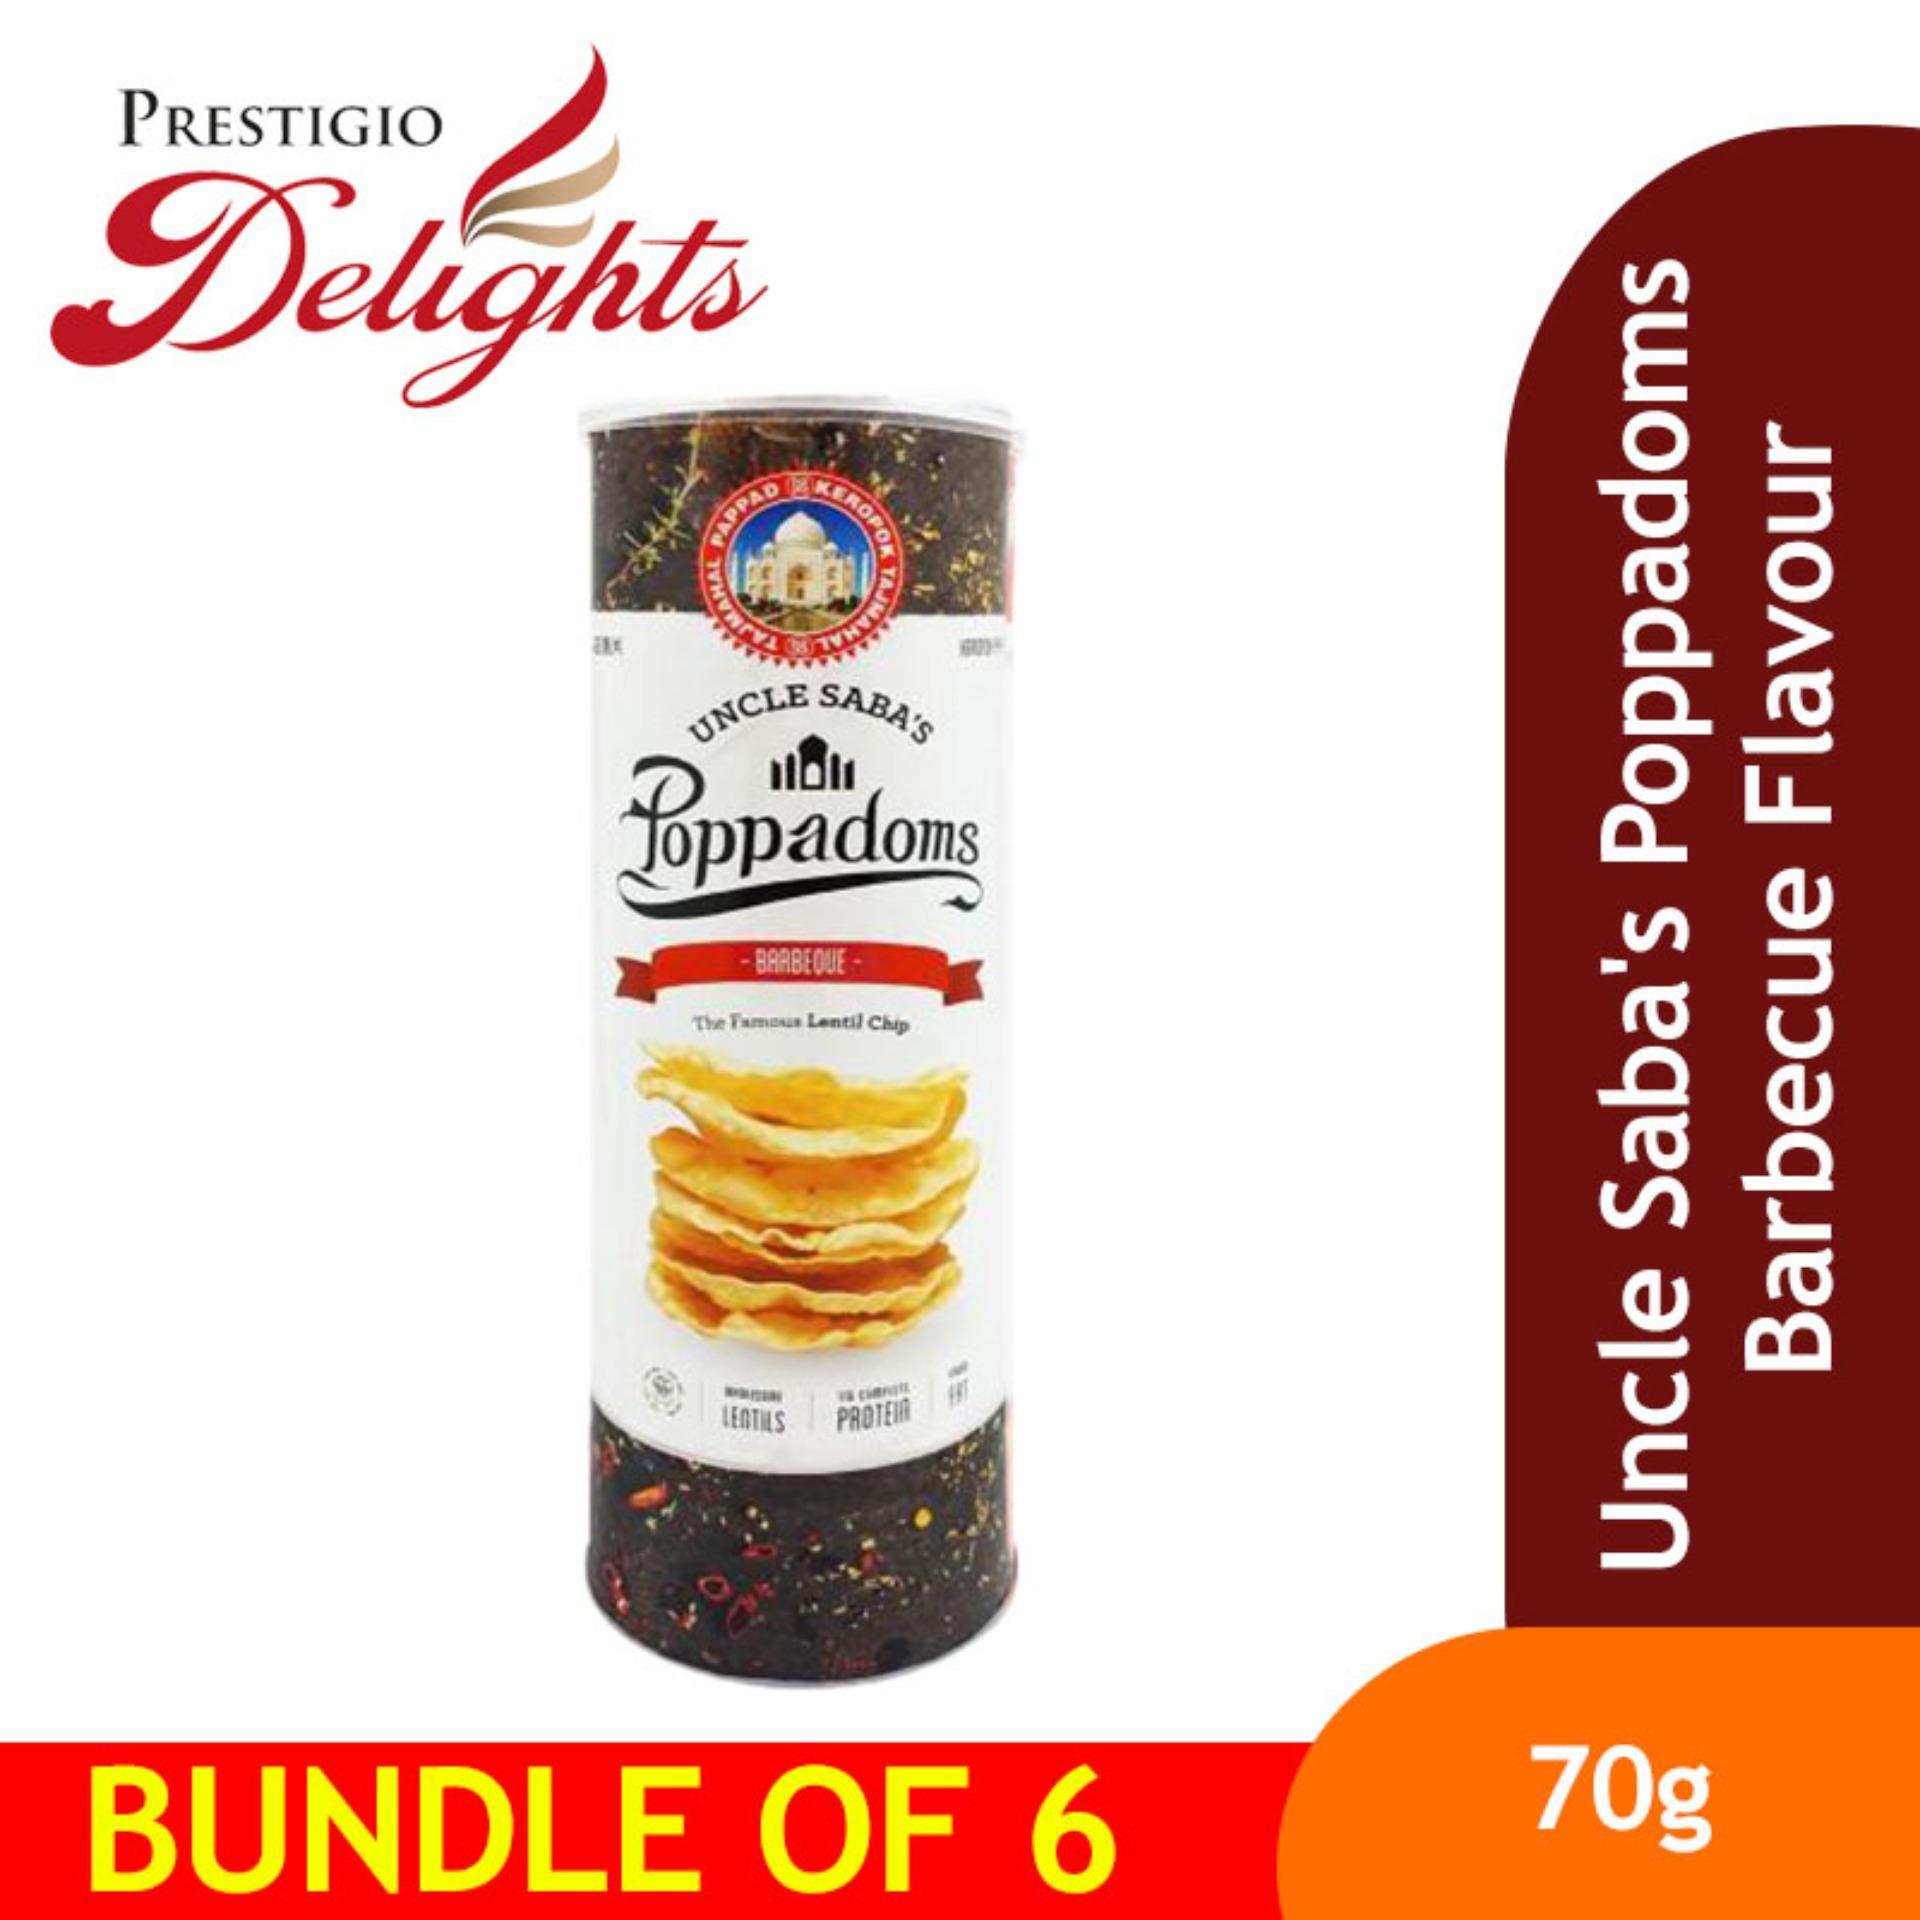 Uncle Sabas Poppadoms Barbecue Flavour Bundle Of 6 By Prestigio Delights.